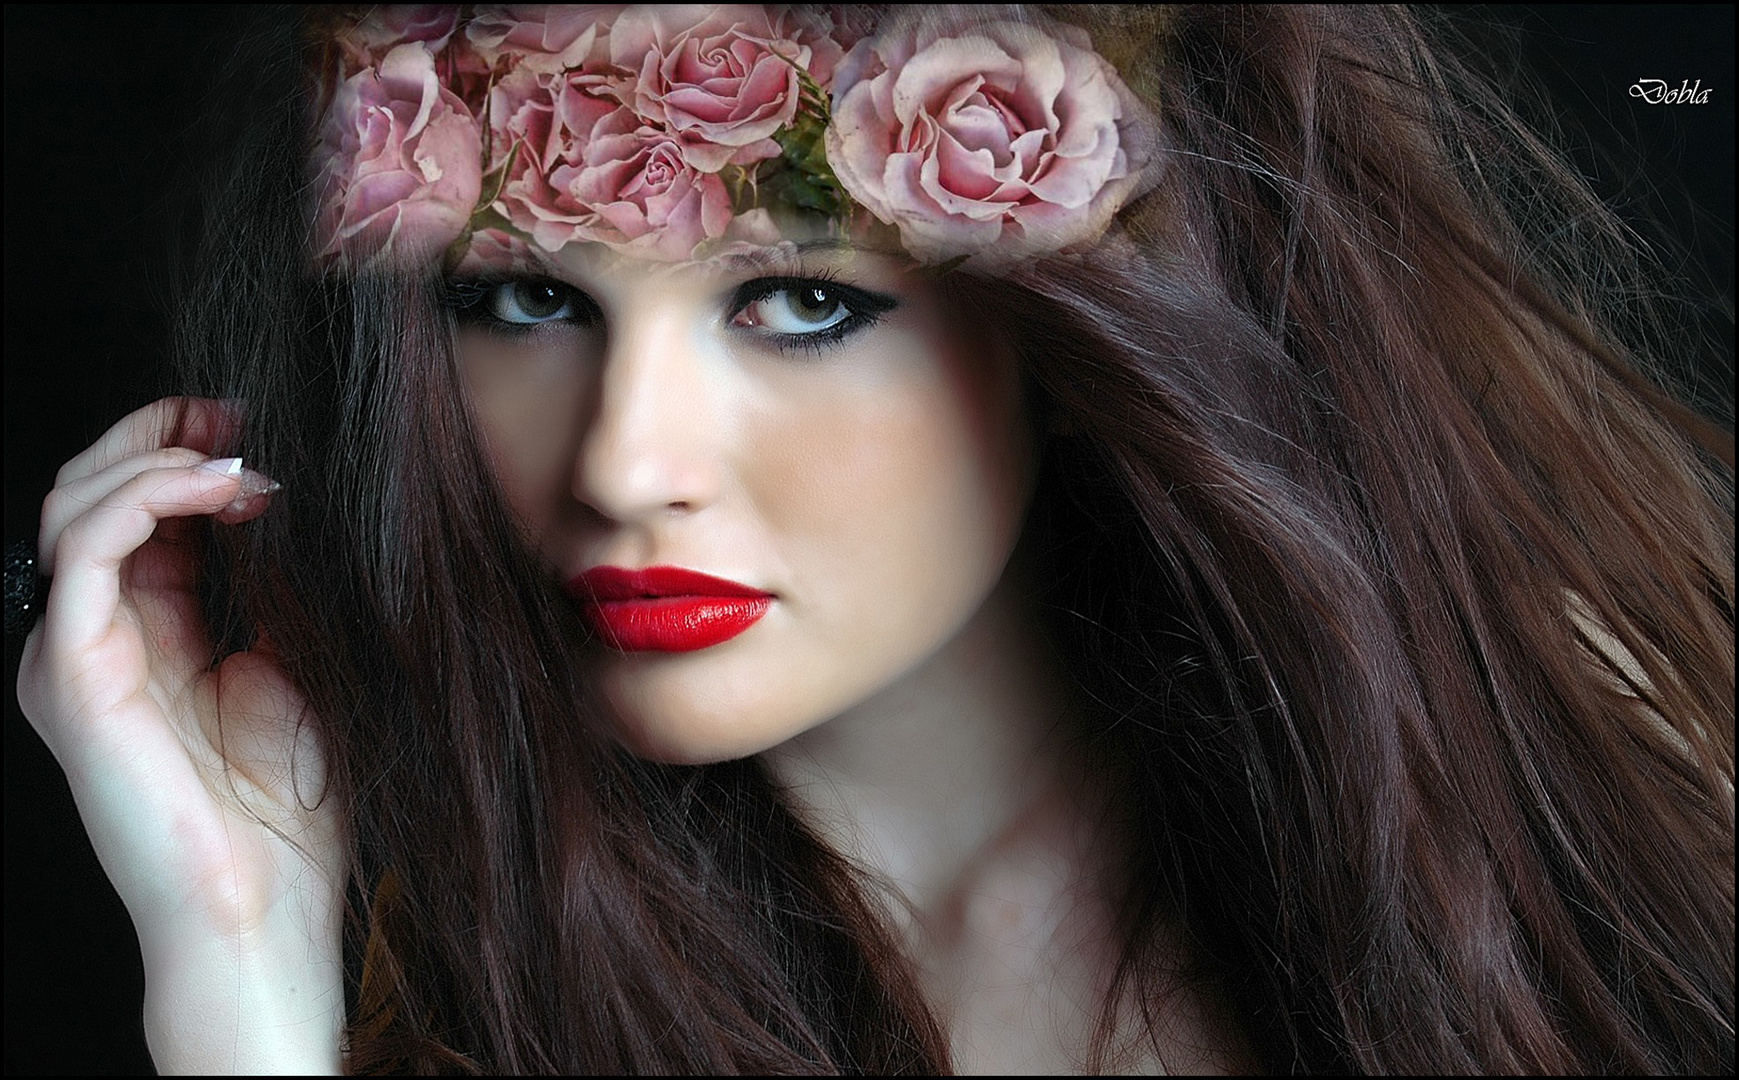 Carolina Rocci 02 con flores de Silvia Simonato